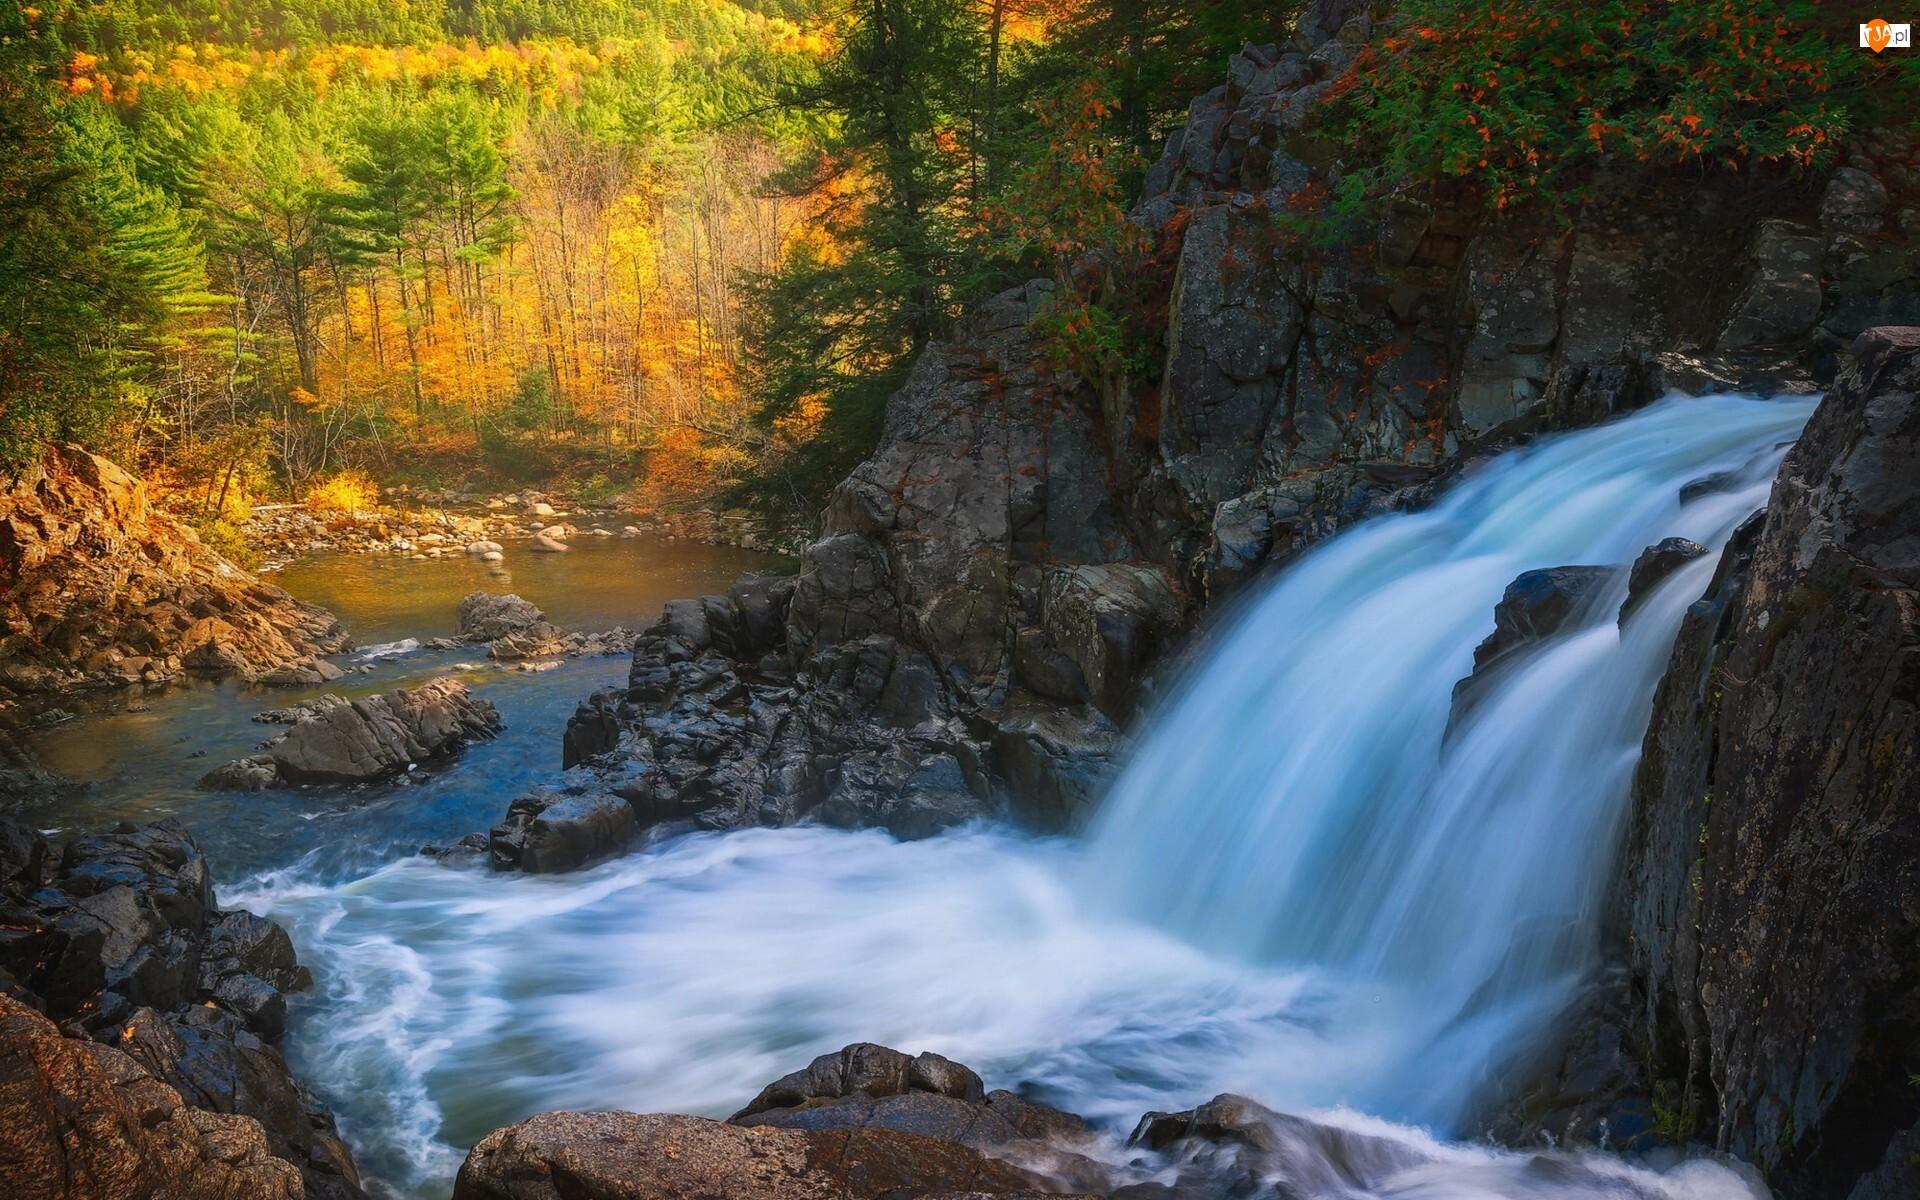 Rzeka, Skały, Jesień, Wodospad, Las, Drzewa, Kamienie